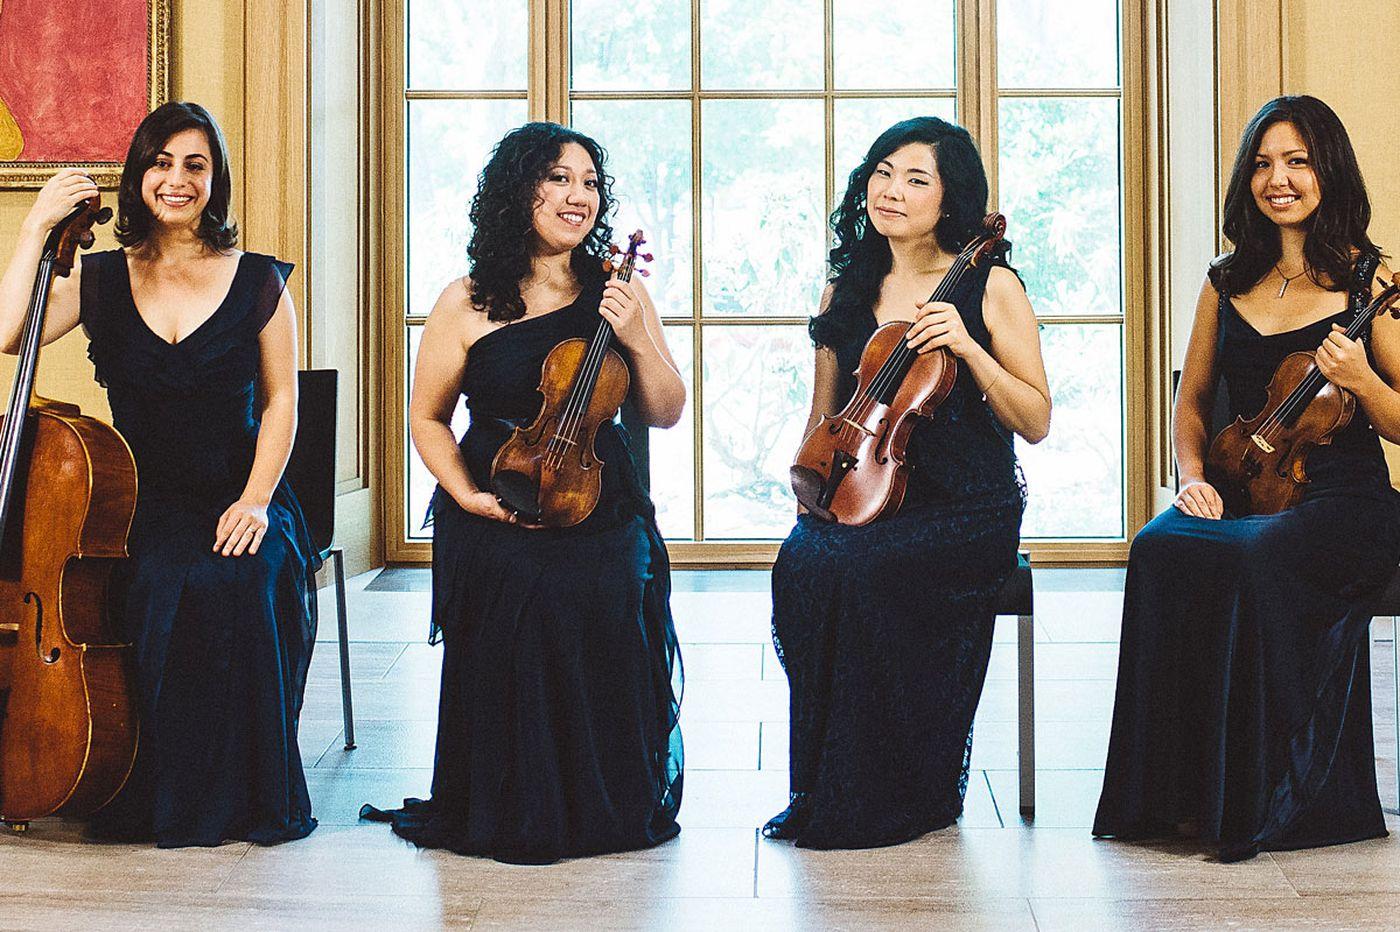 Review: Aizuri Quartet, soprano, illuminate Higdon work